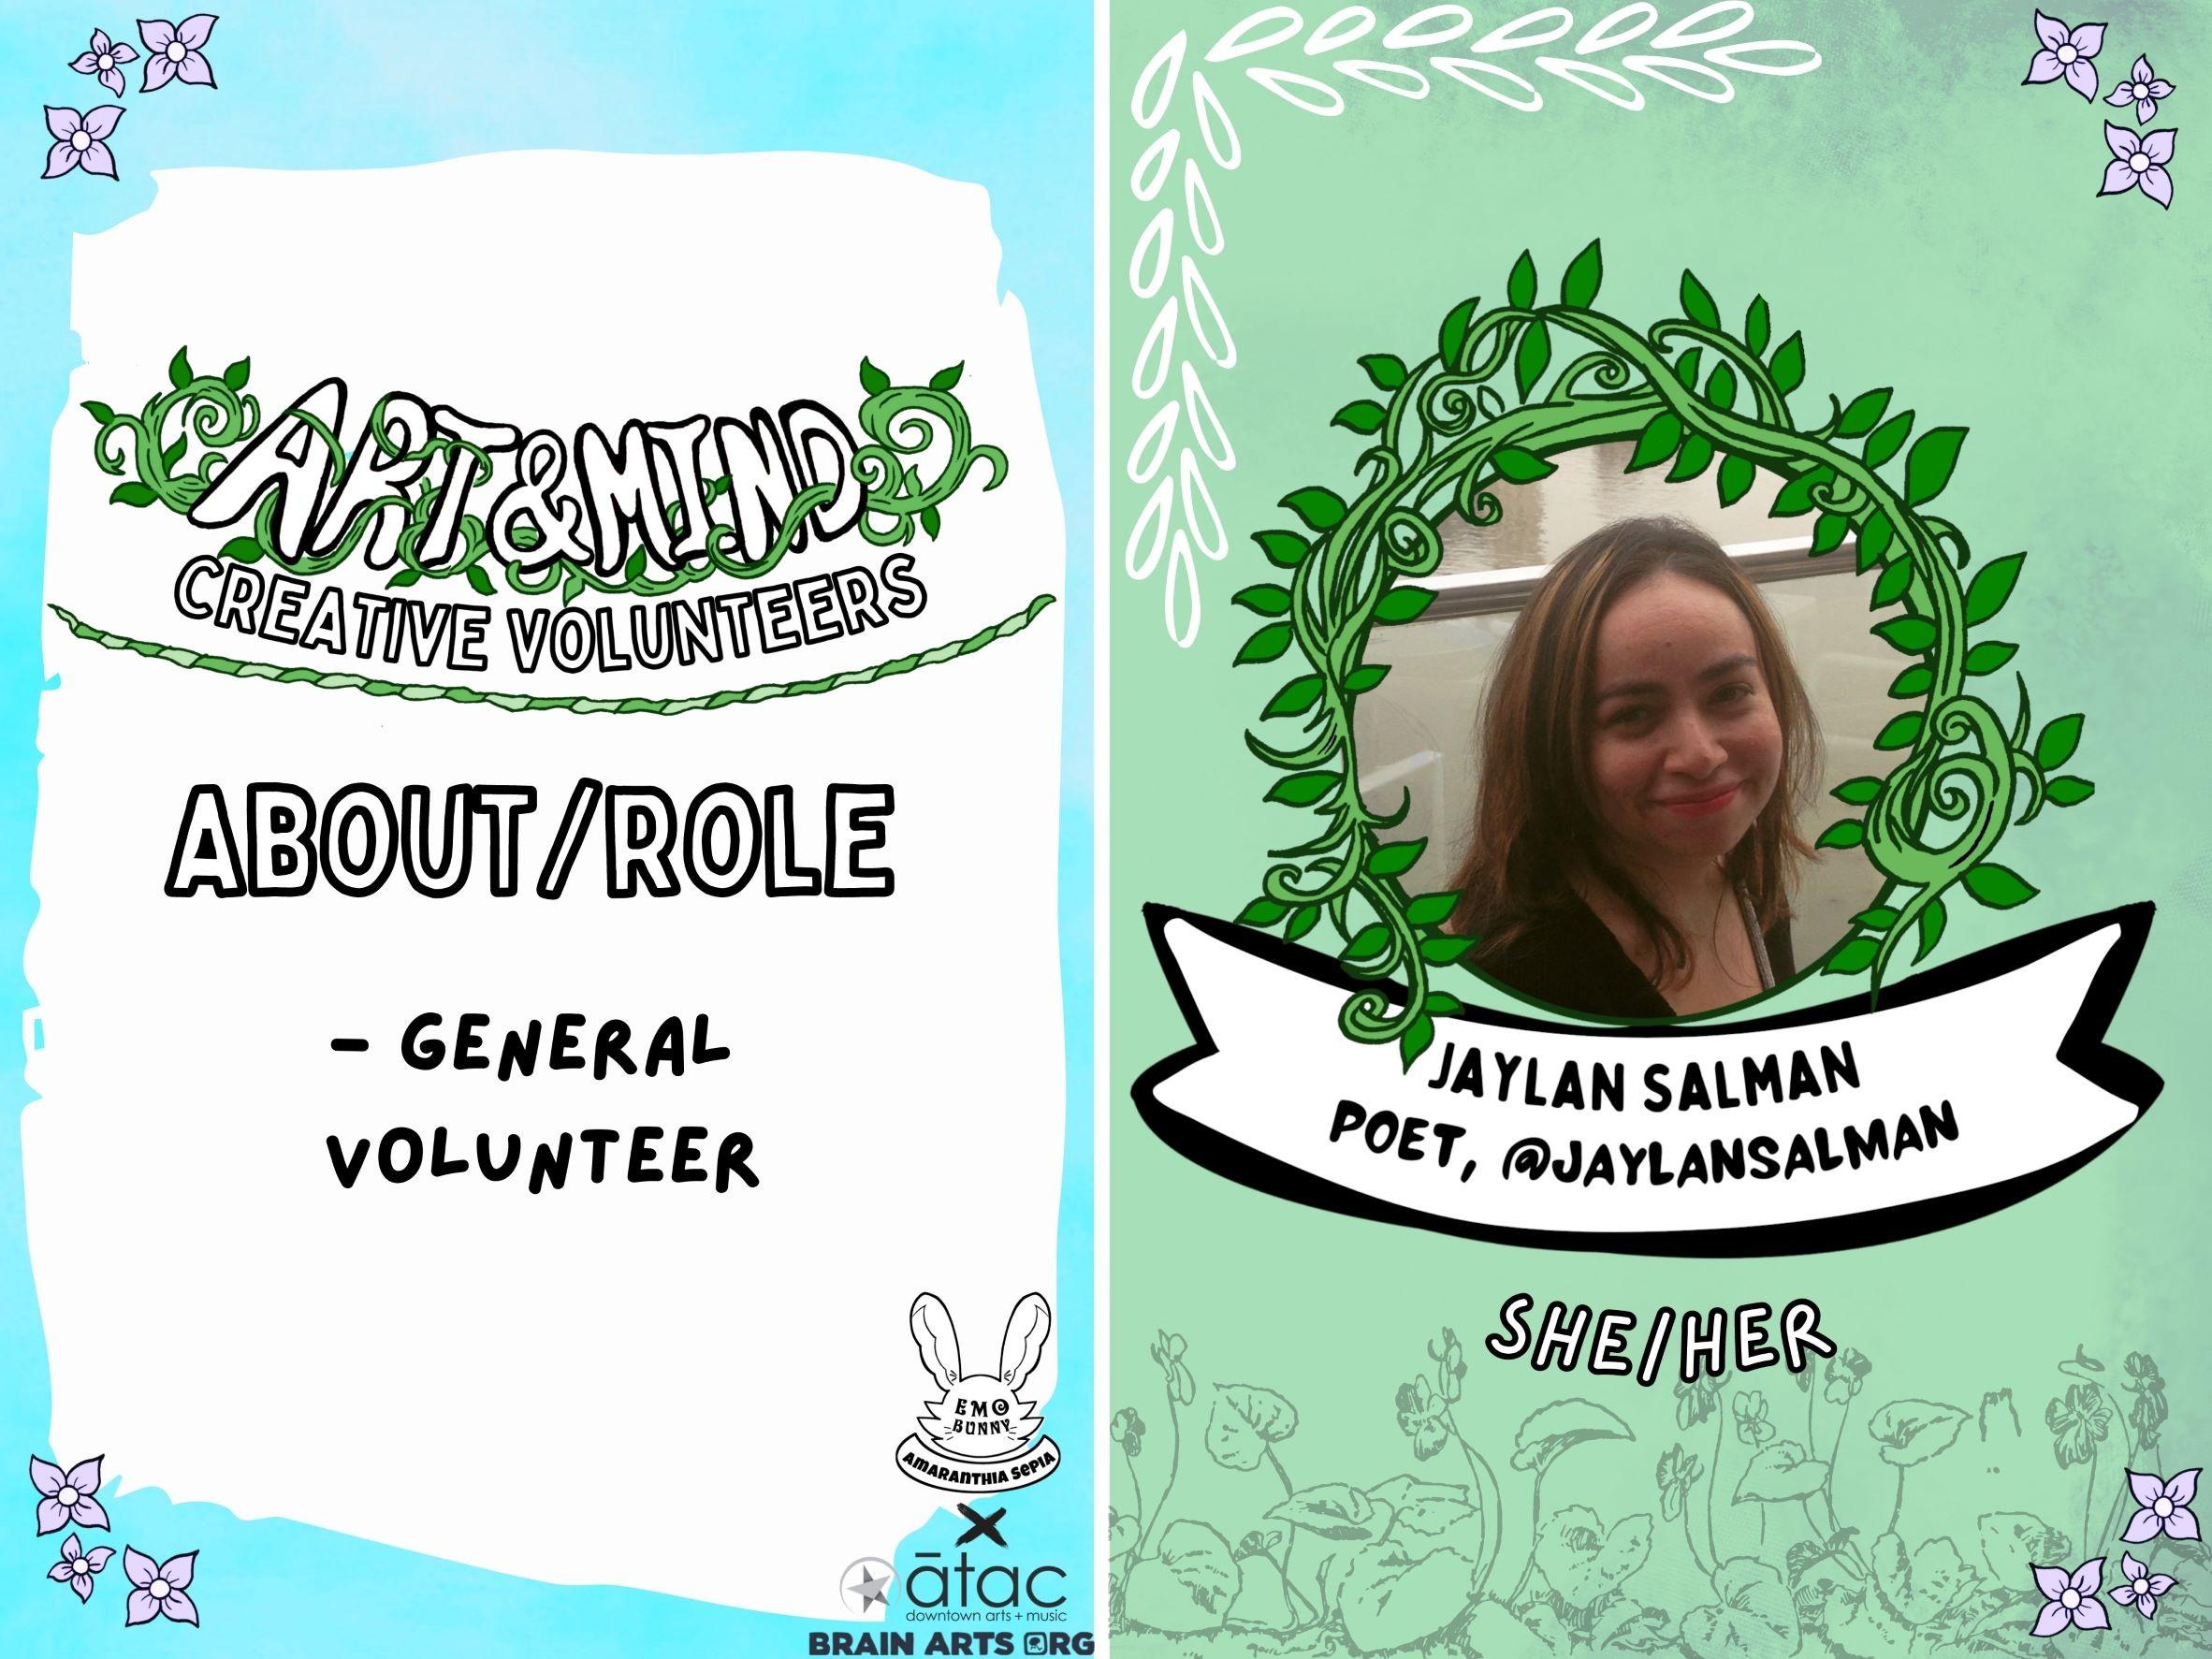 Creative Volunteer: Jaylan Salman, @jaylansalman